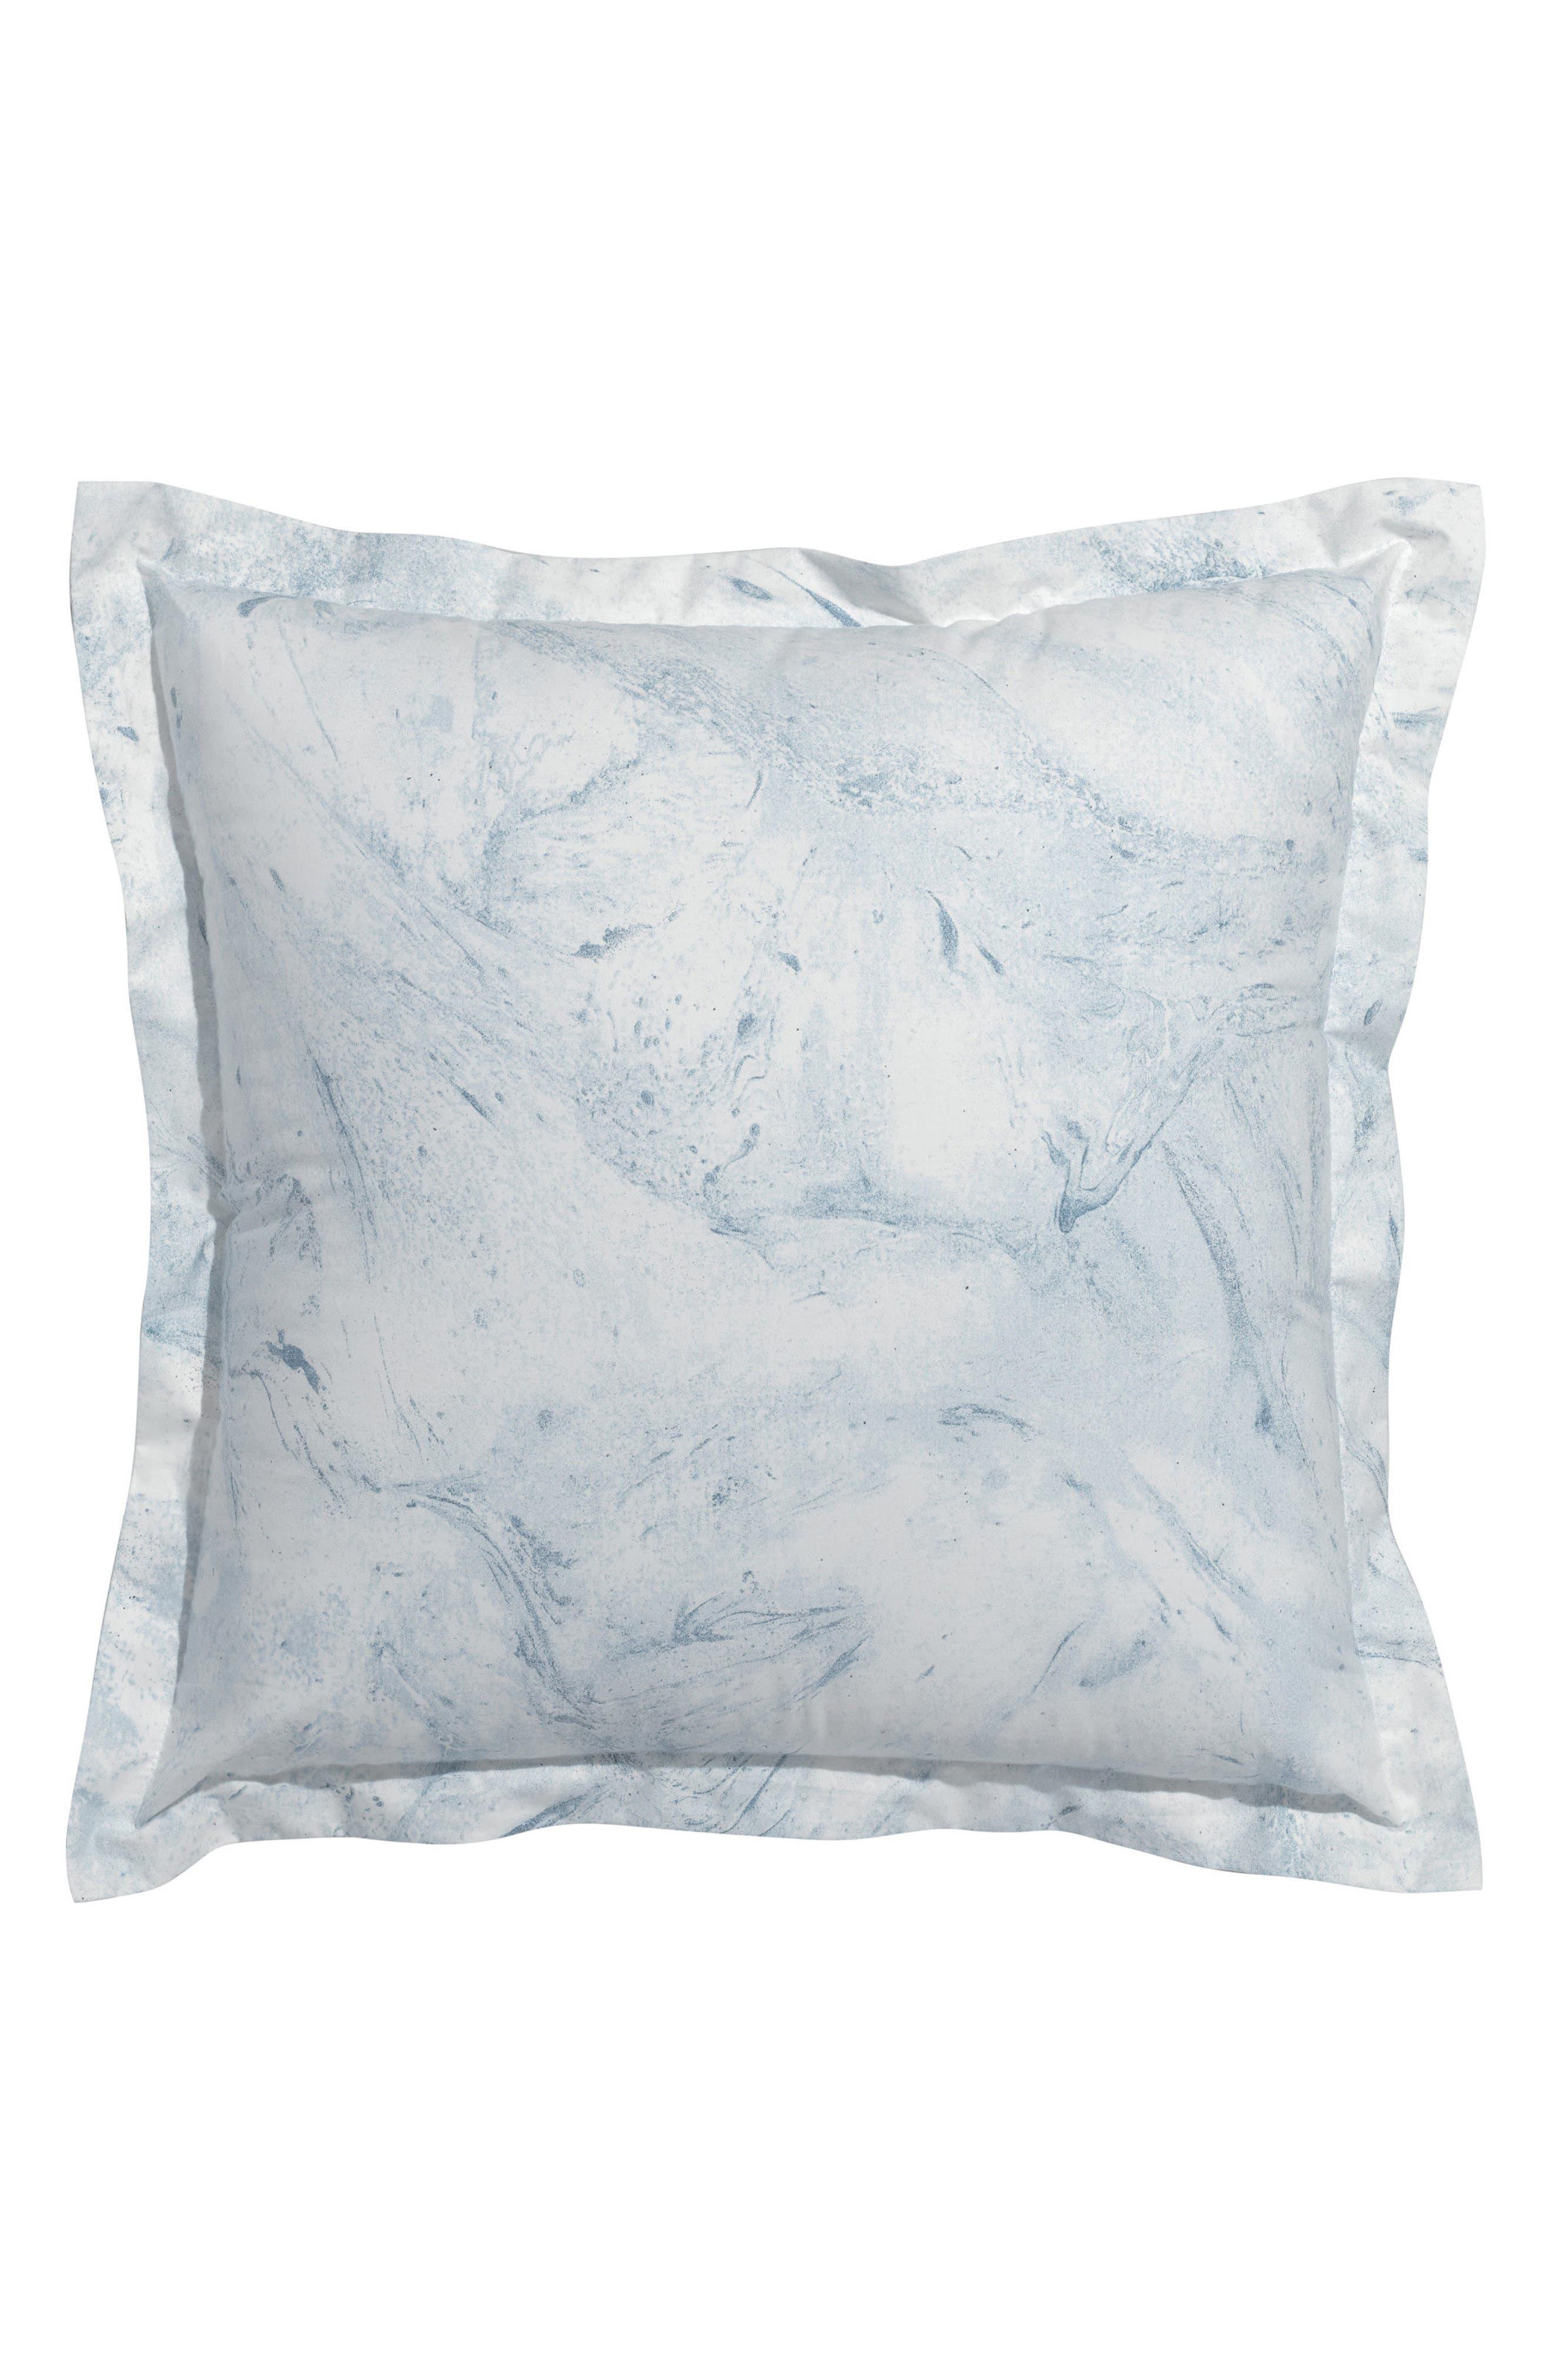 Main Image - Portico Glacier Bay Square Organic Cotton Accent Pillow